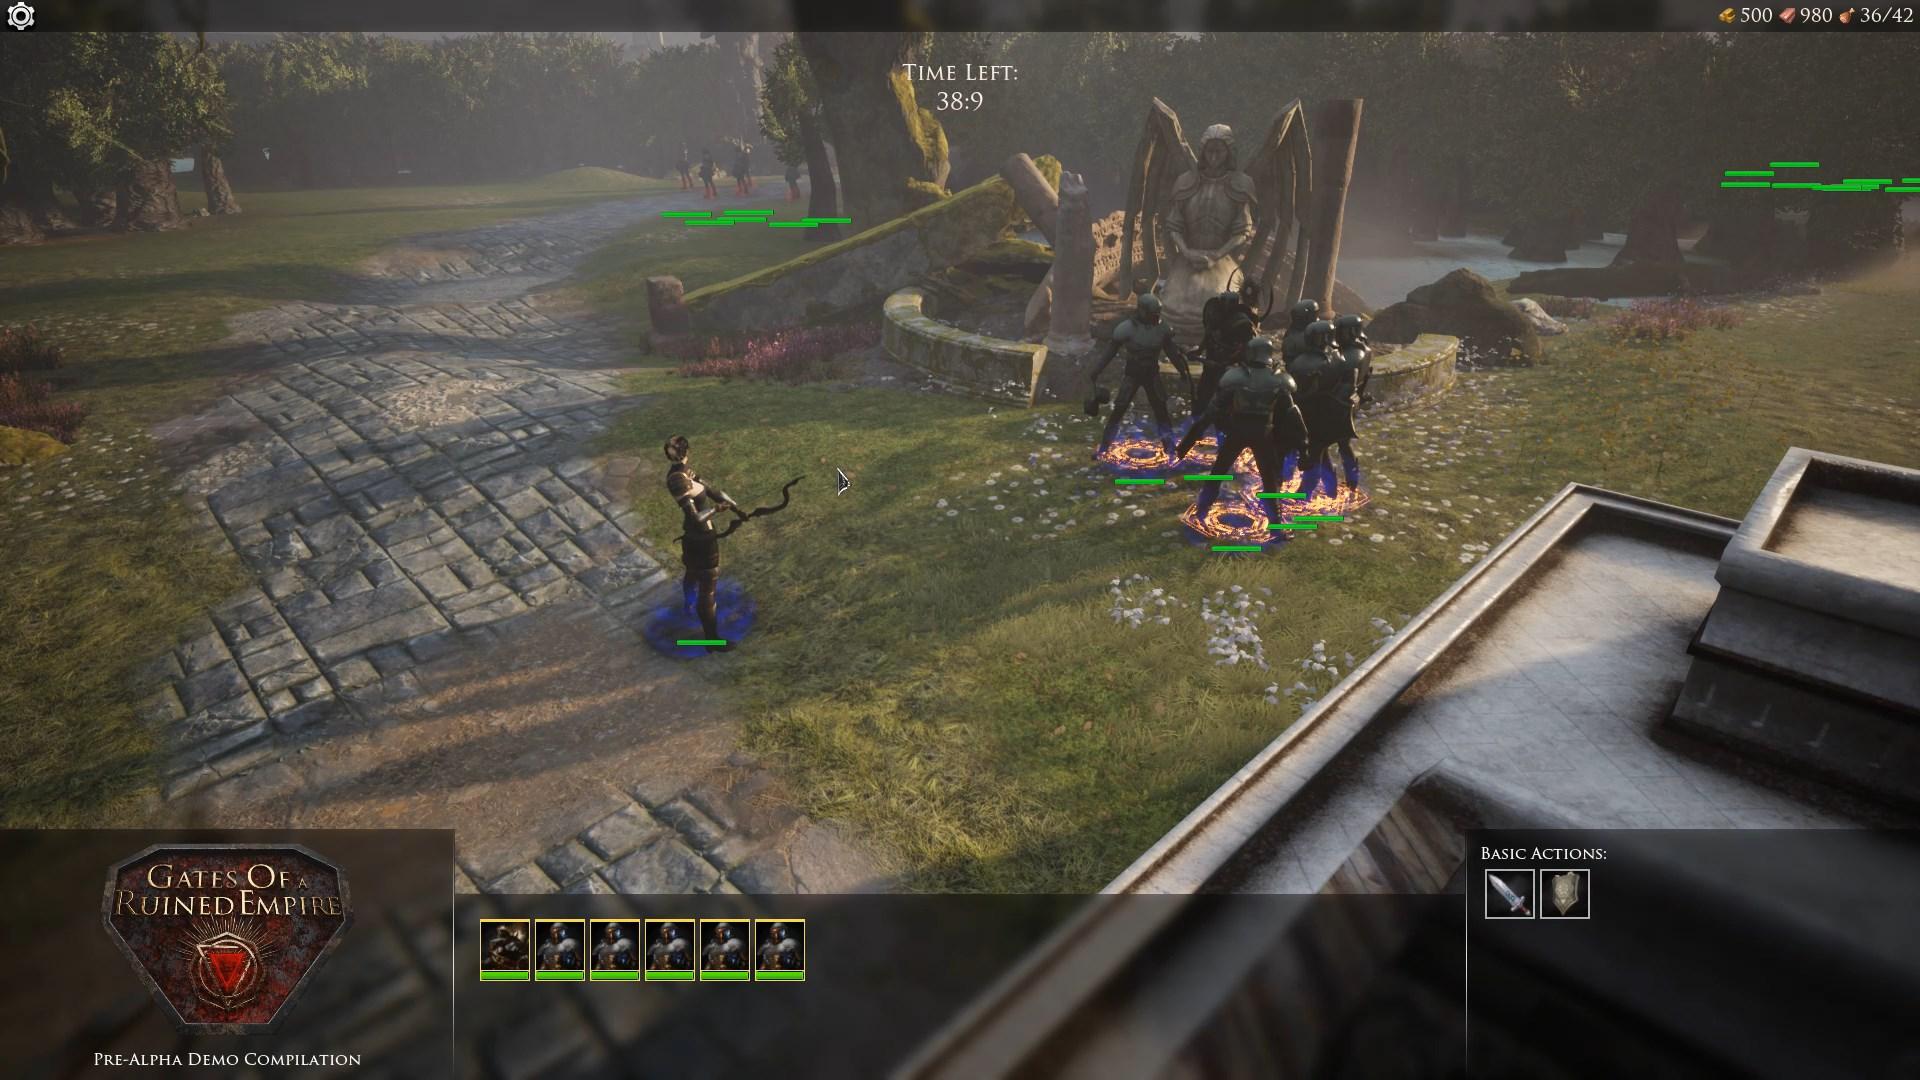 GORE Gameplay1 mp4 snapshot 07 1